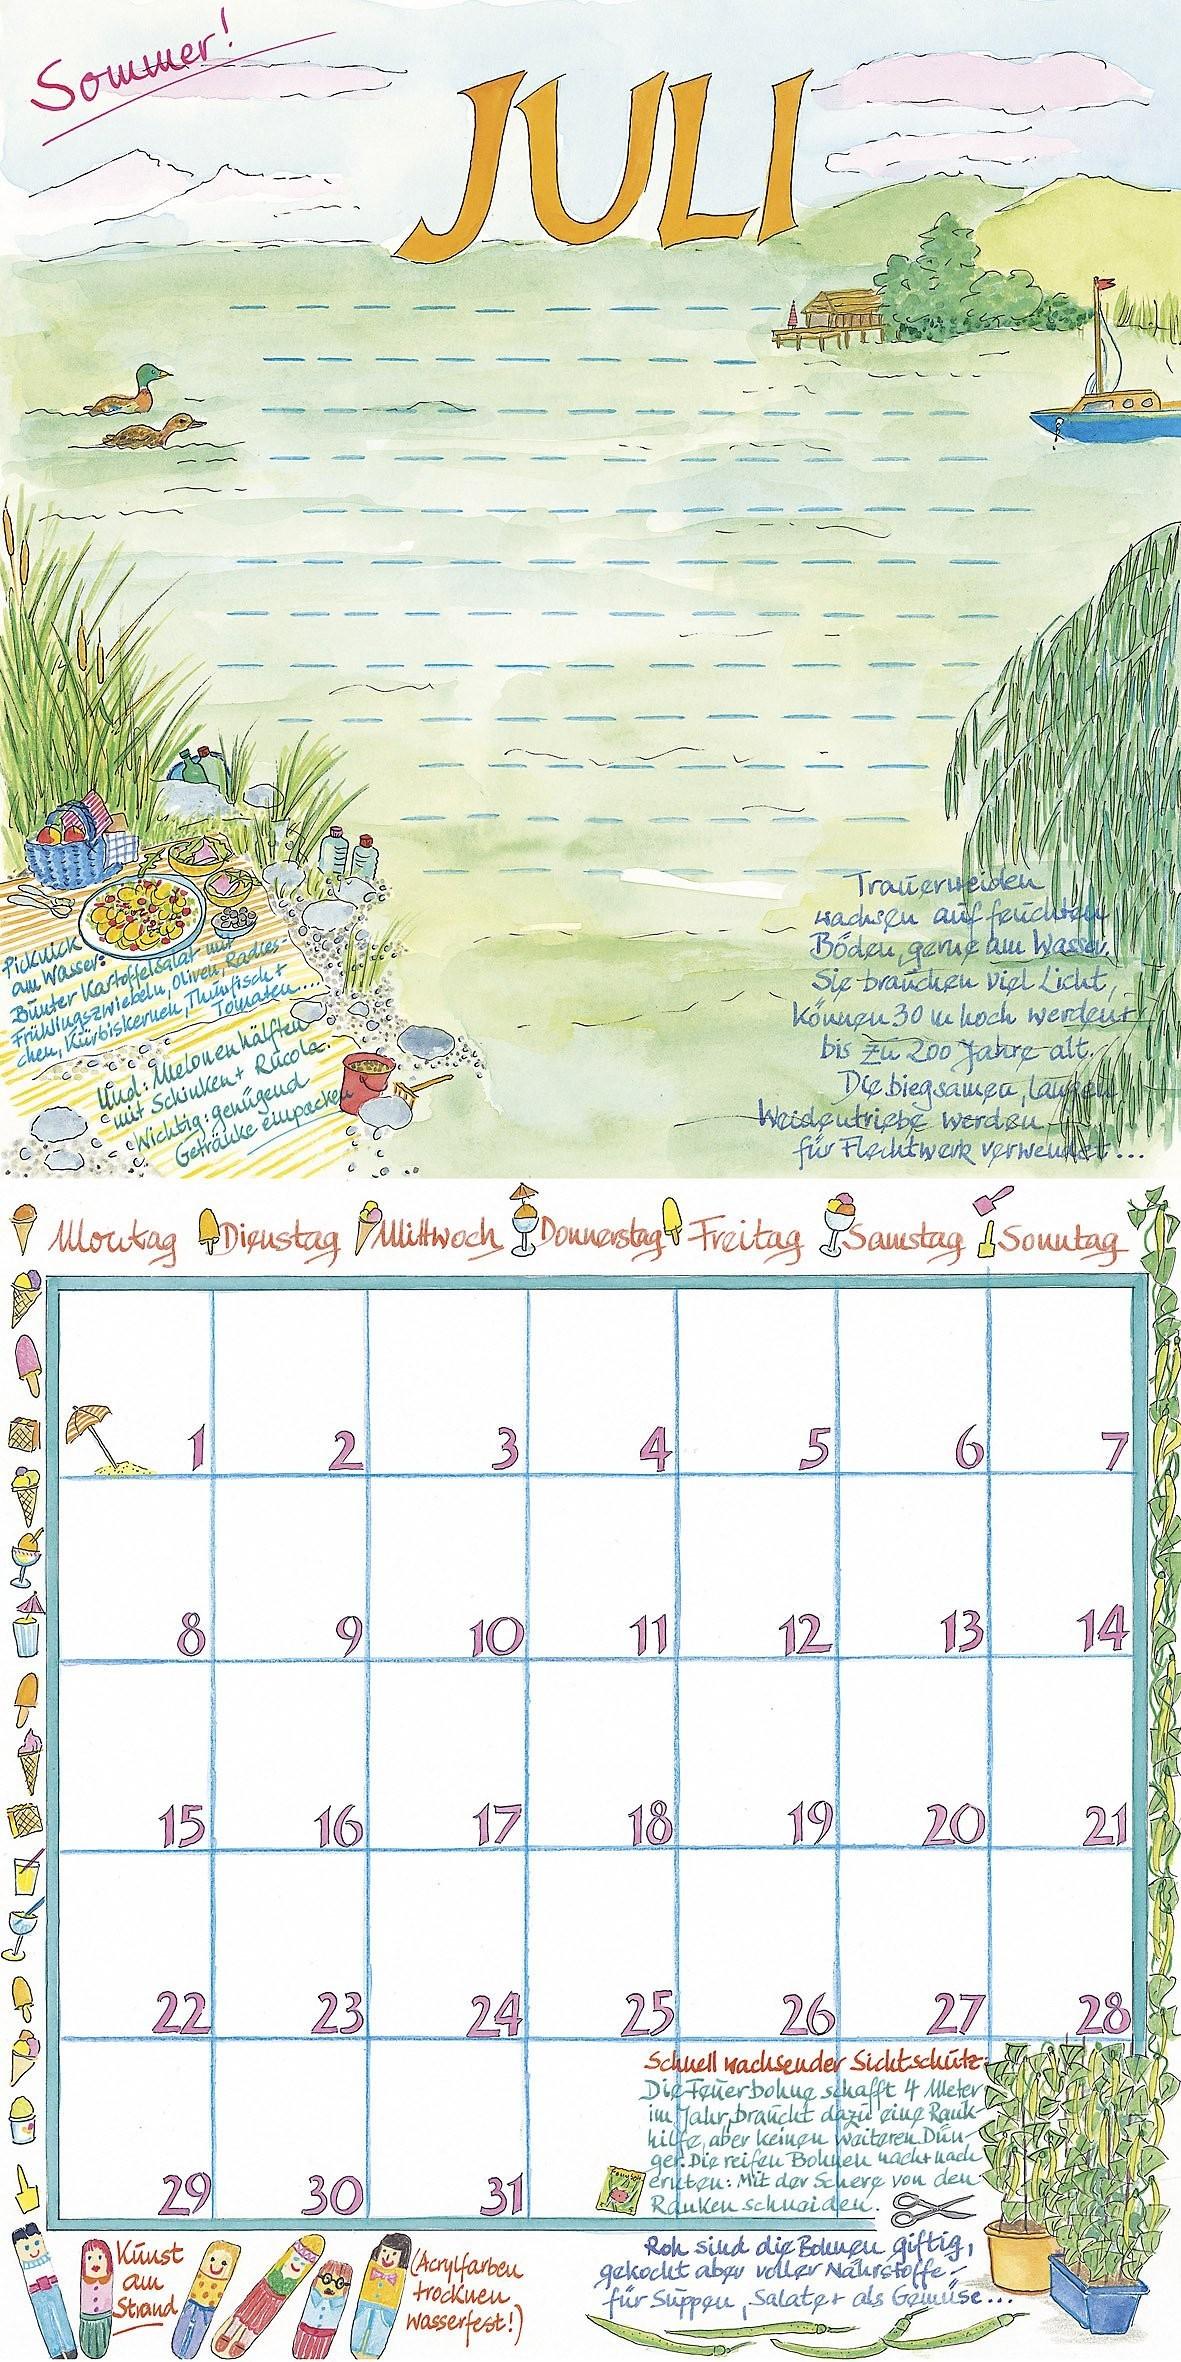 online calendar planner 2019 mas actual merkkalender 2019 kalender gunstig bei weltbild bestellen of online calendar planner 2019